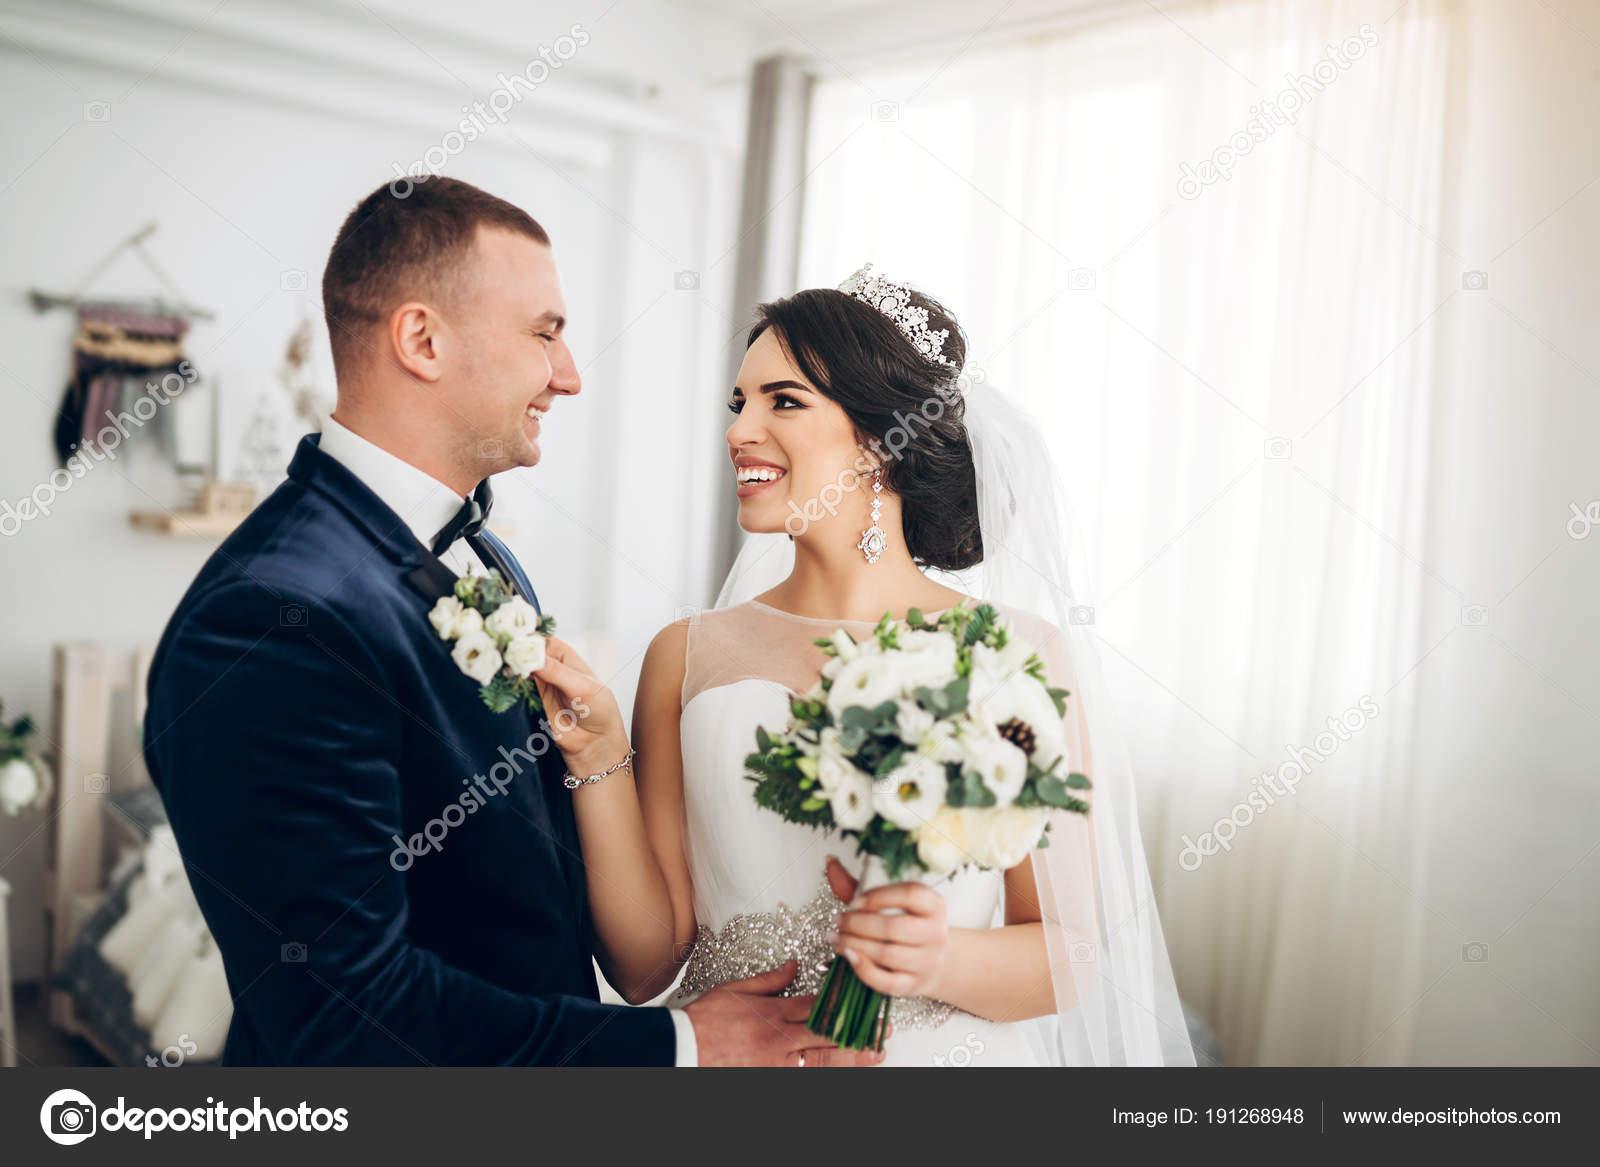 Vestidos de novia y novio